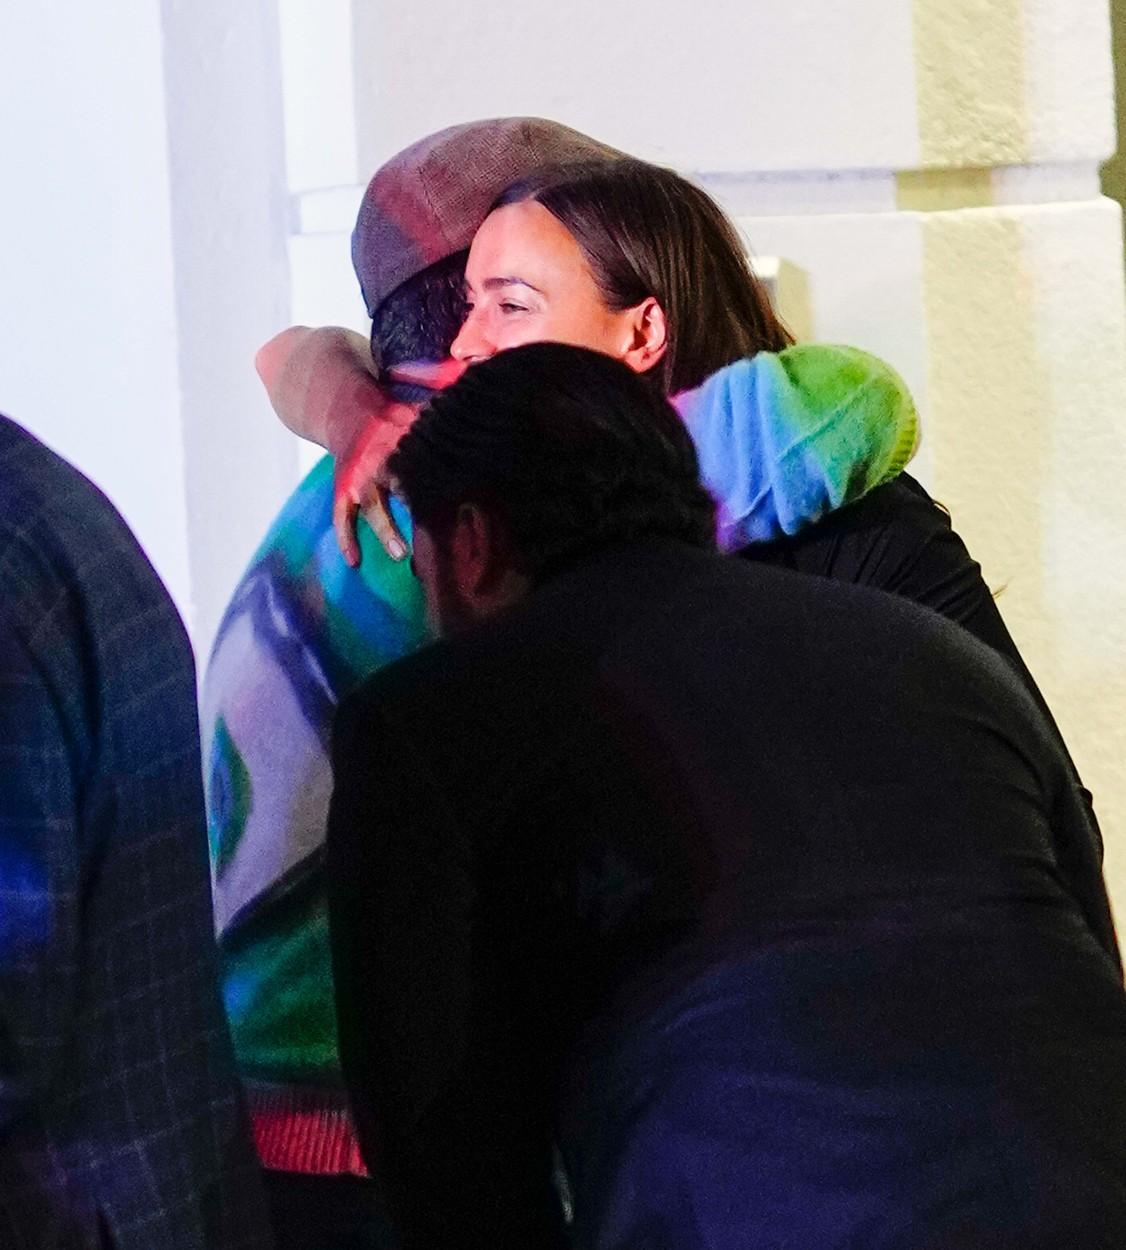 Irina Shayk, fotografiată în timp ce-l îmbrățișează pe Jason Sudeikis, la o întâlnire în oraș